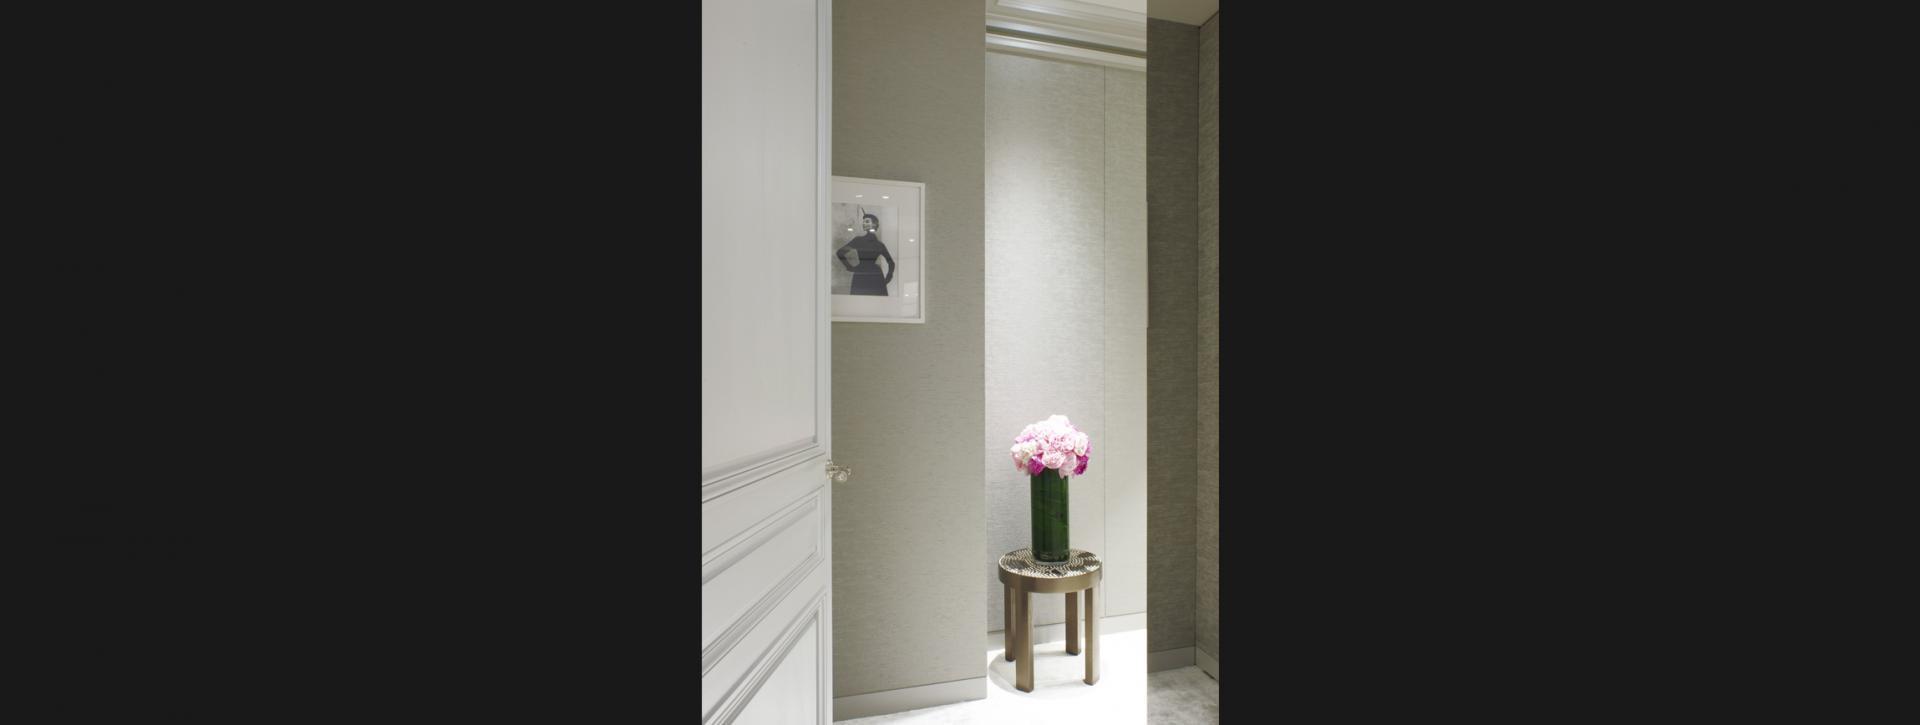 Foto de La boutique de Dior en Tokyo: el poder de la tienda (2/4)